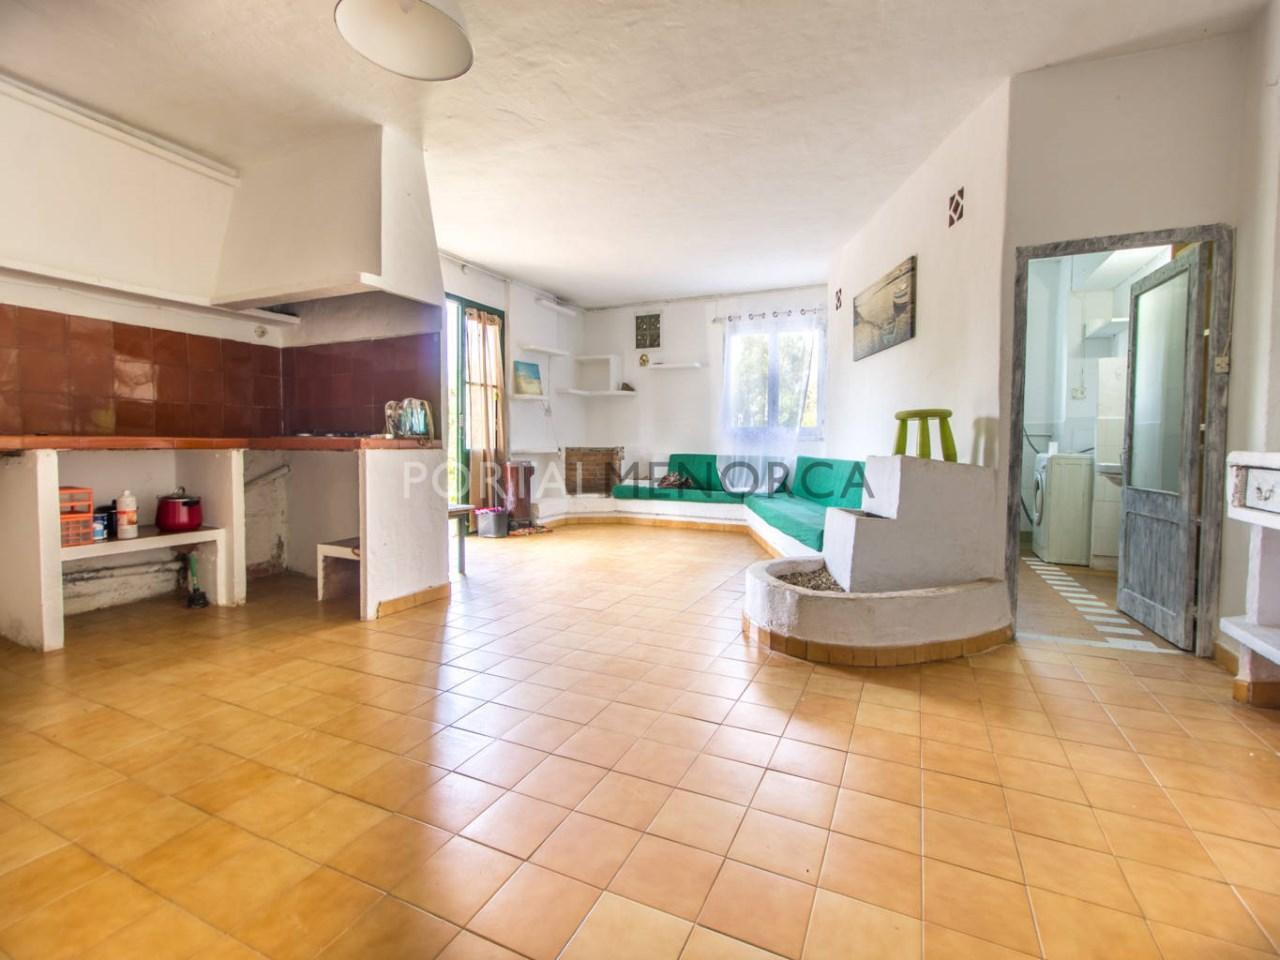 Apartamento para reformar en venta en Menorca